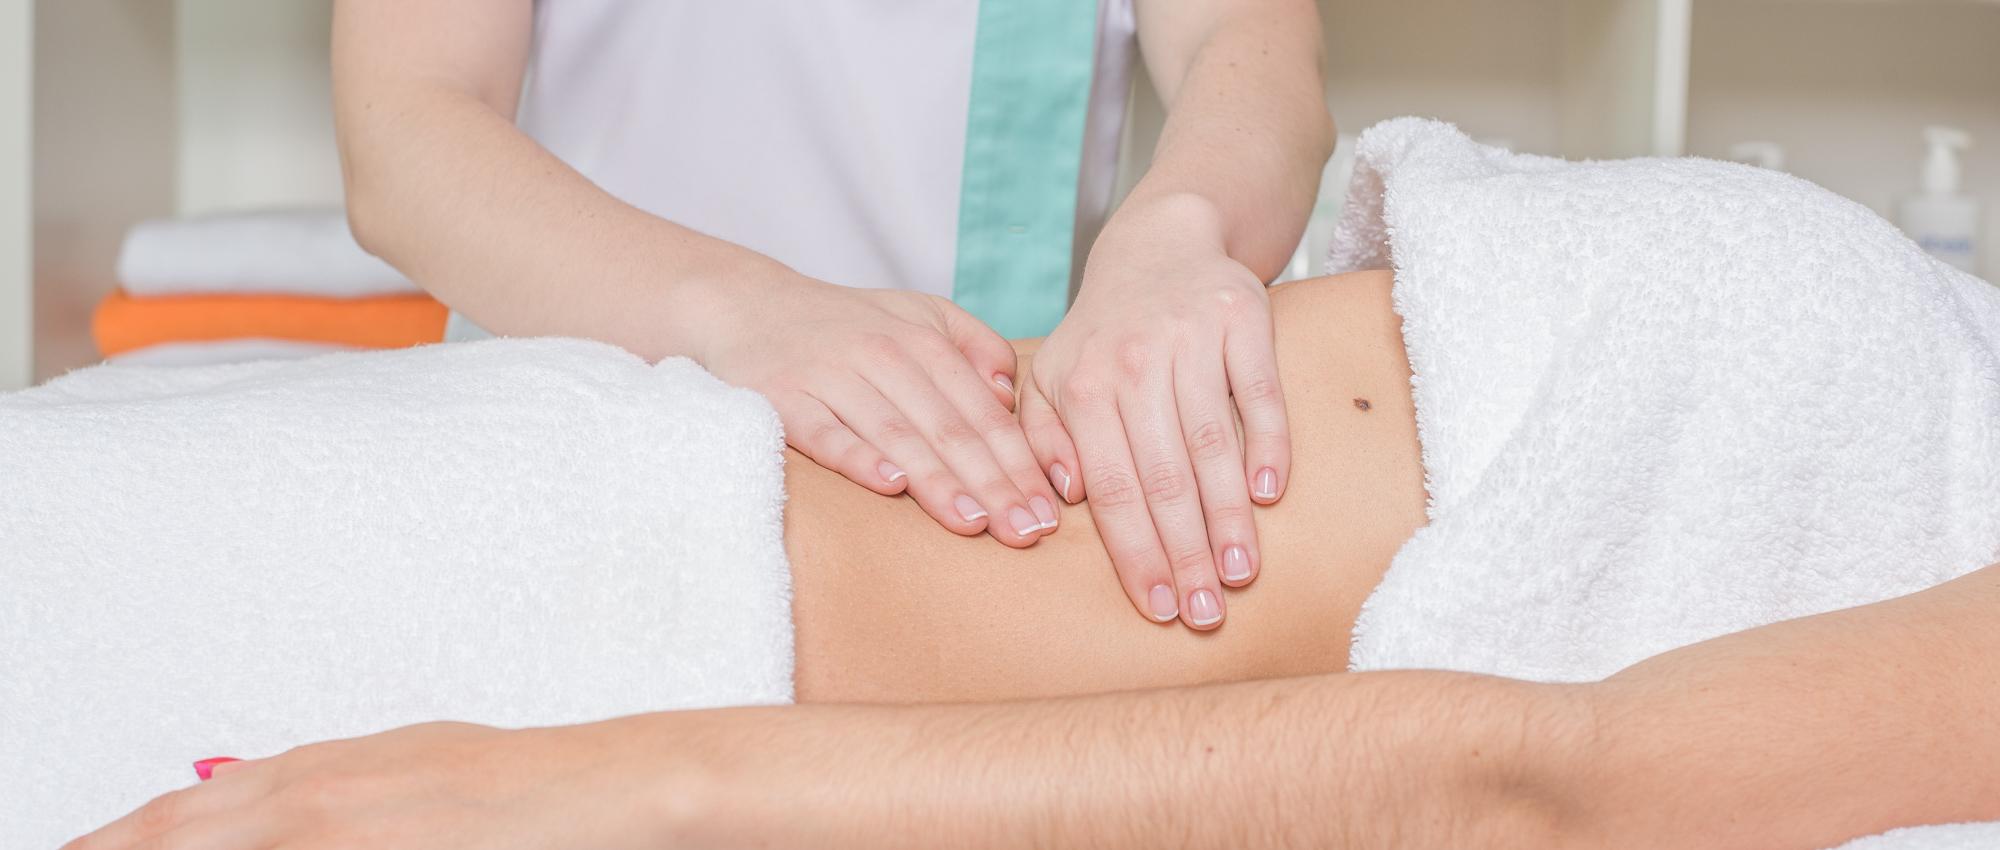 Tratamento de Corpo: Drenagem Linfática Manual